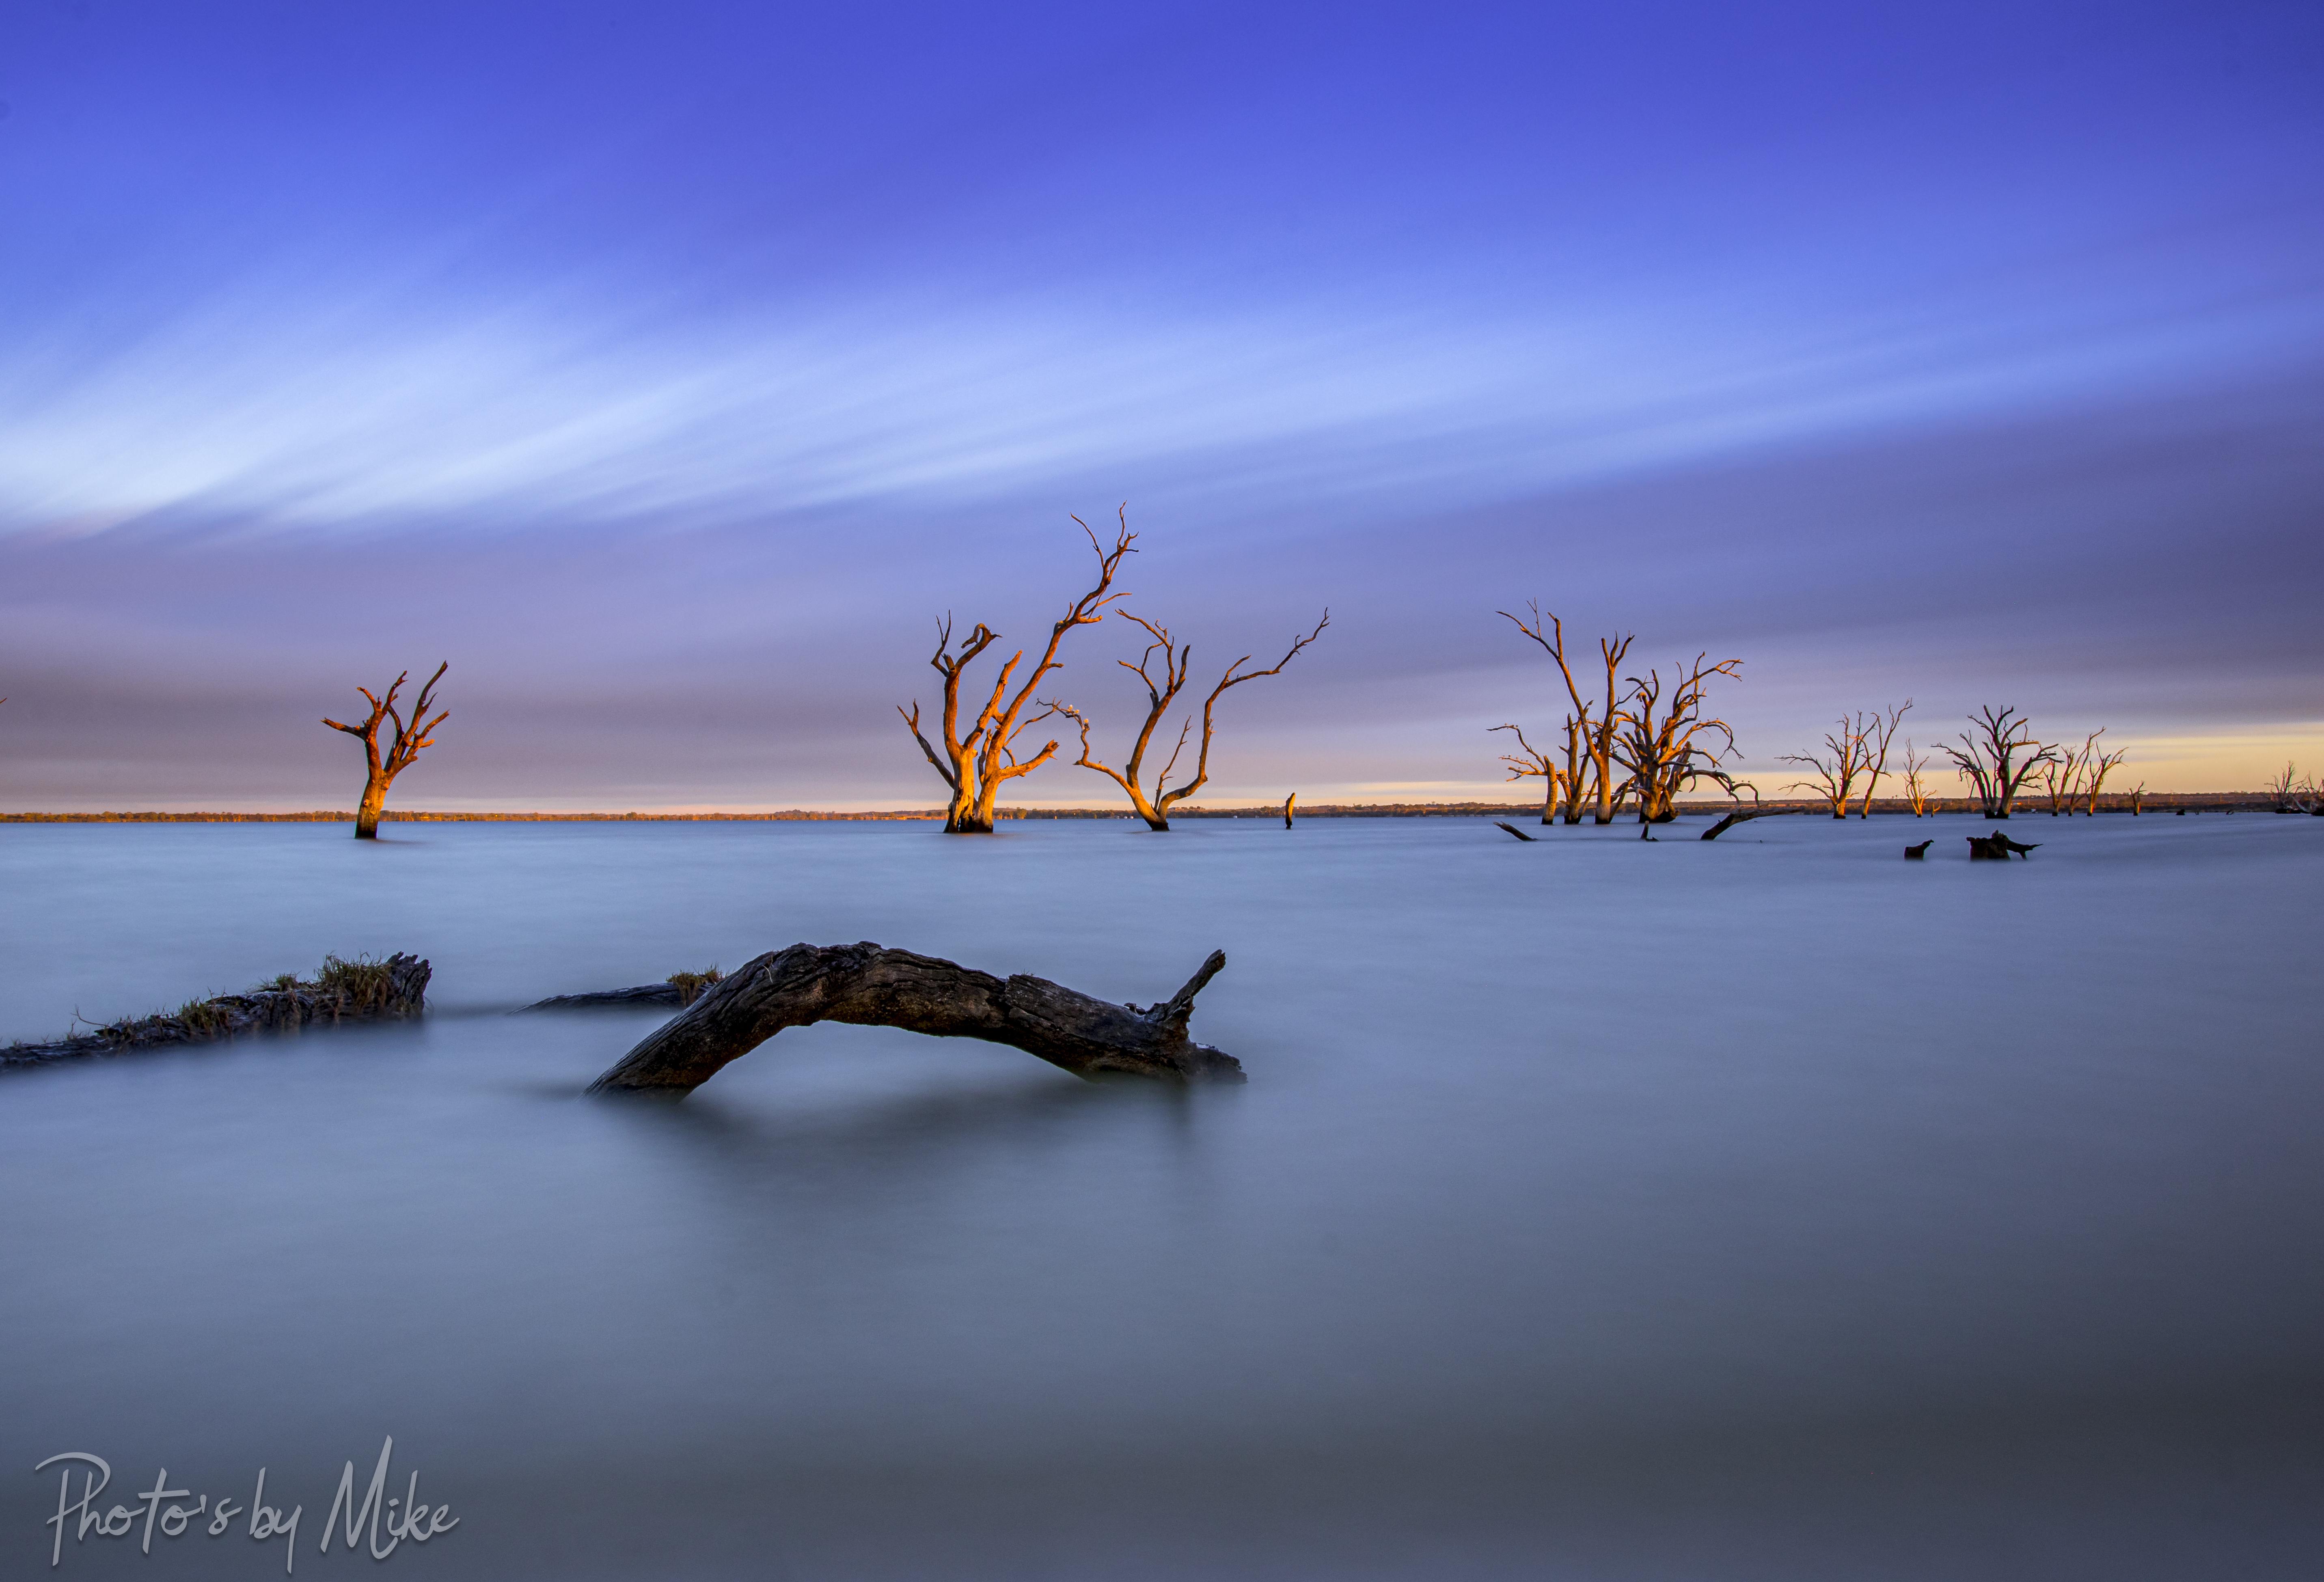 Lake Bonney, Riverland, South Australia